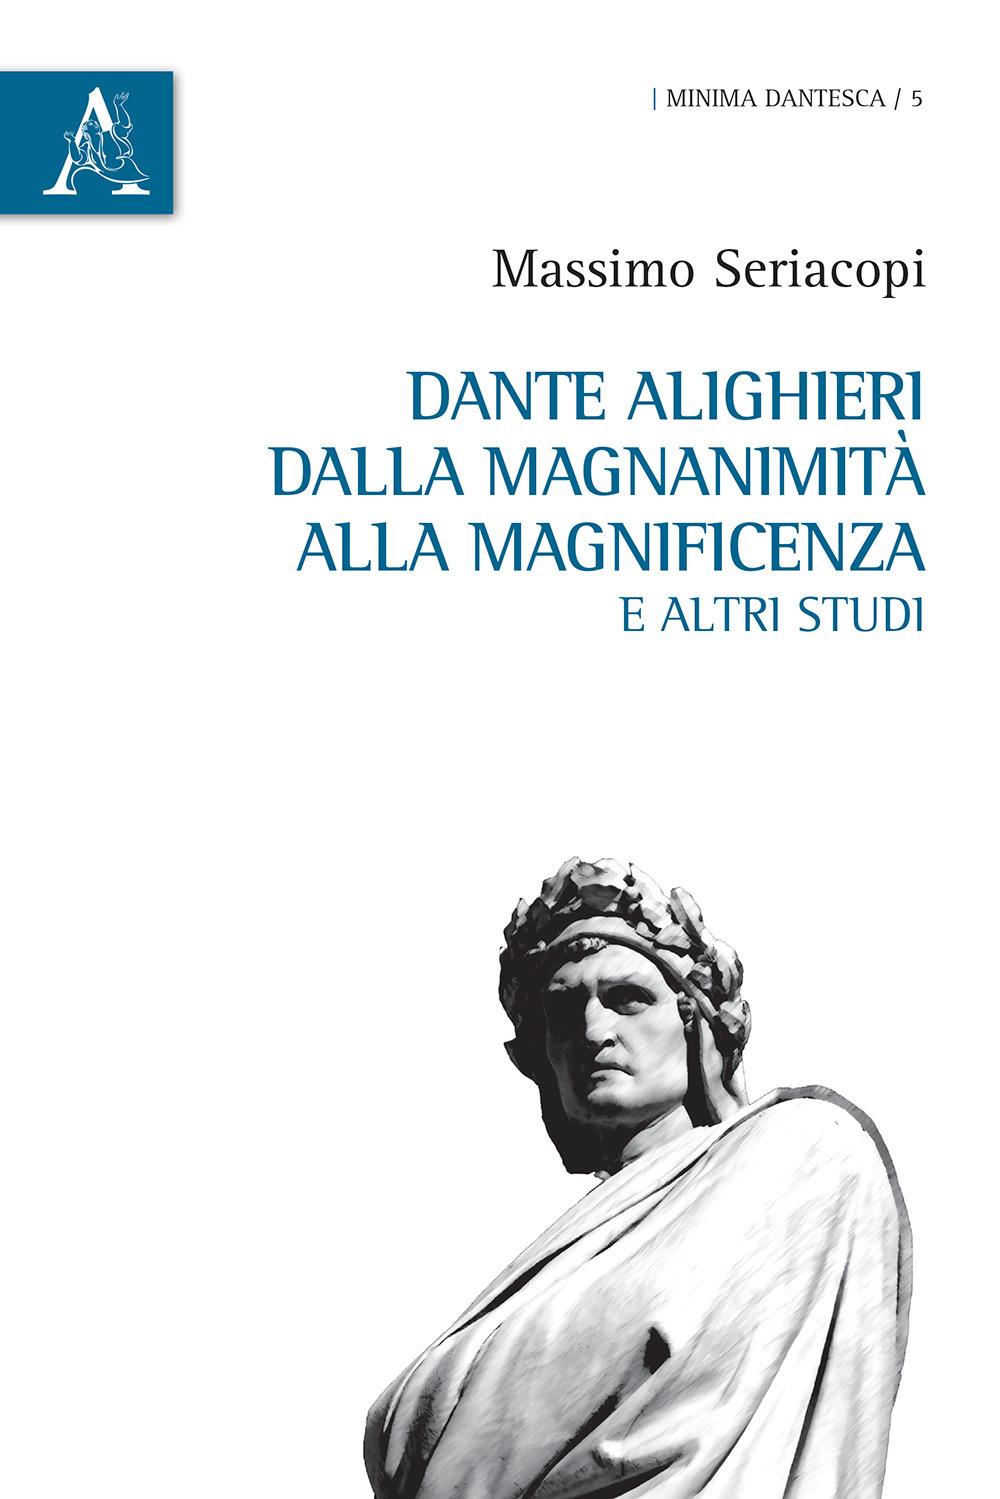 Image of Dante Alighieri dalla magnanimità alla magnificenza e altri studi